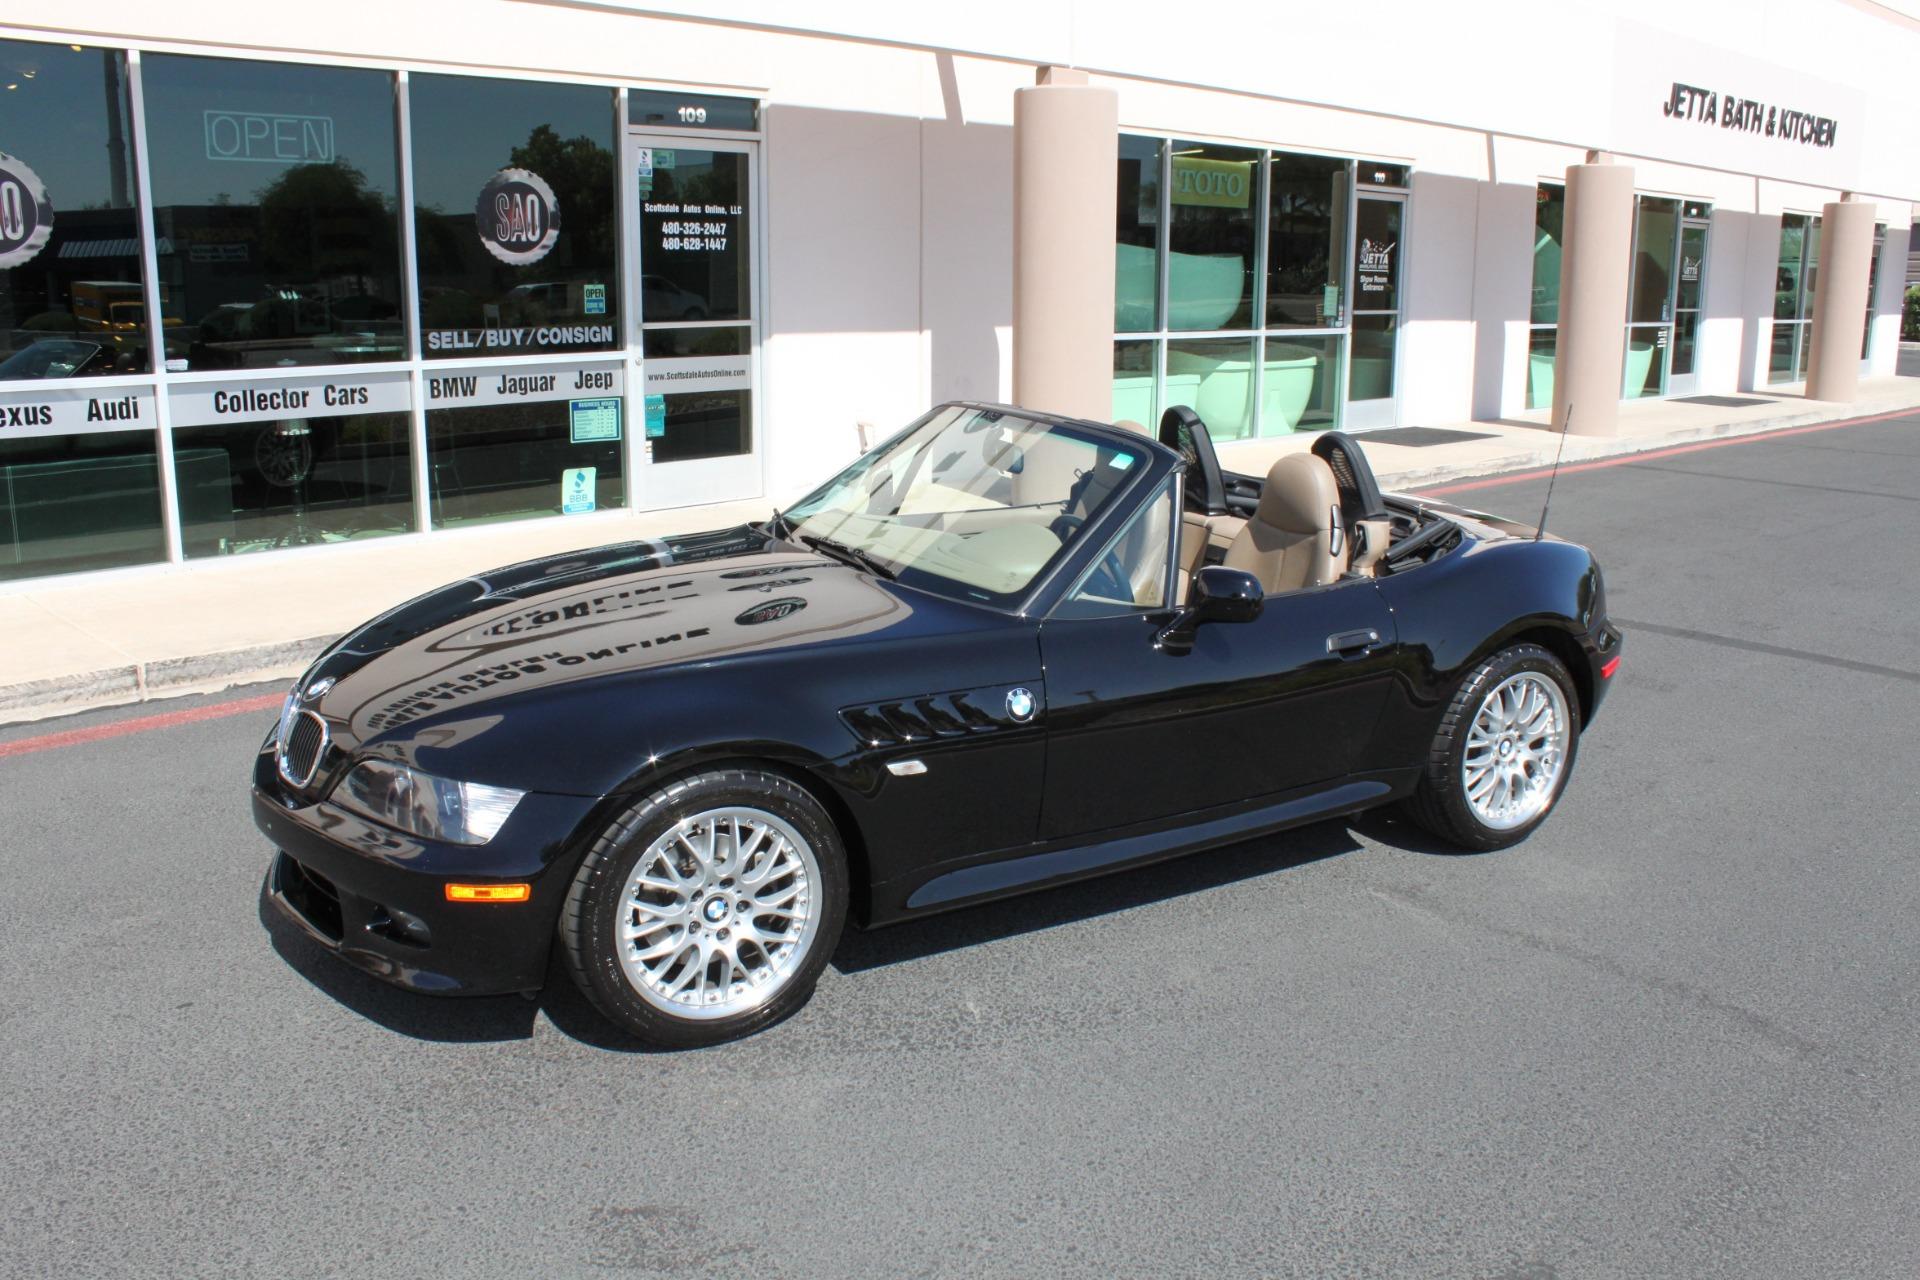 Used-2001-BMW-Z3-30i-Roadster-Fiat